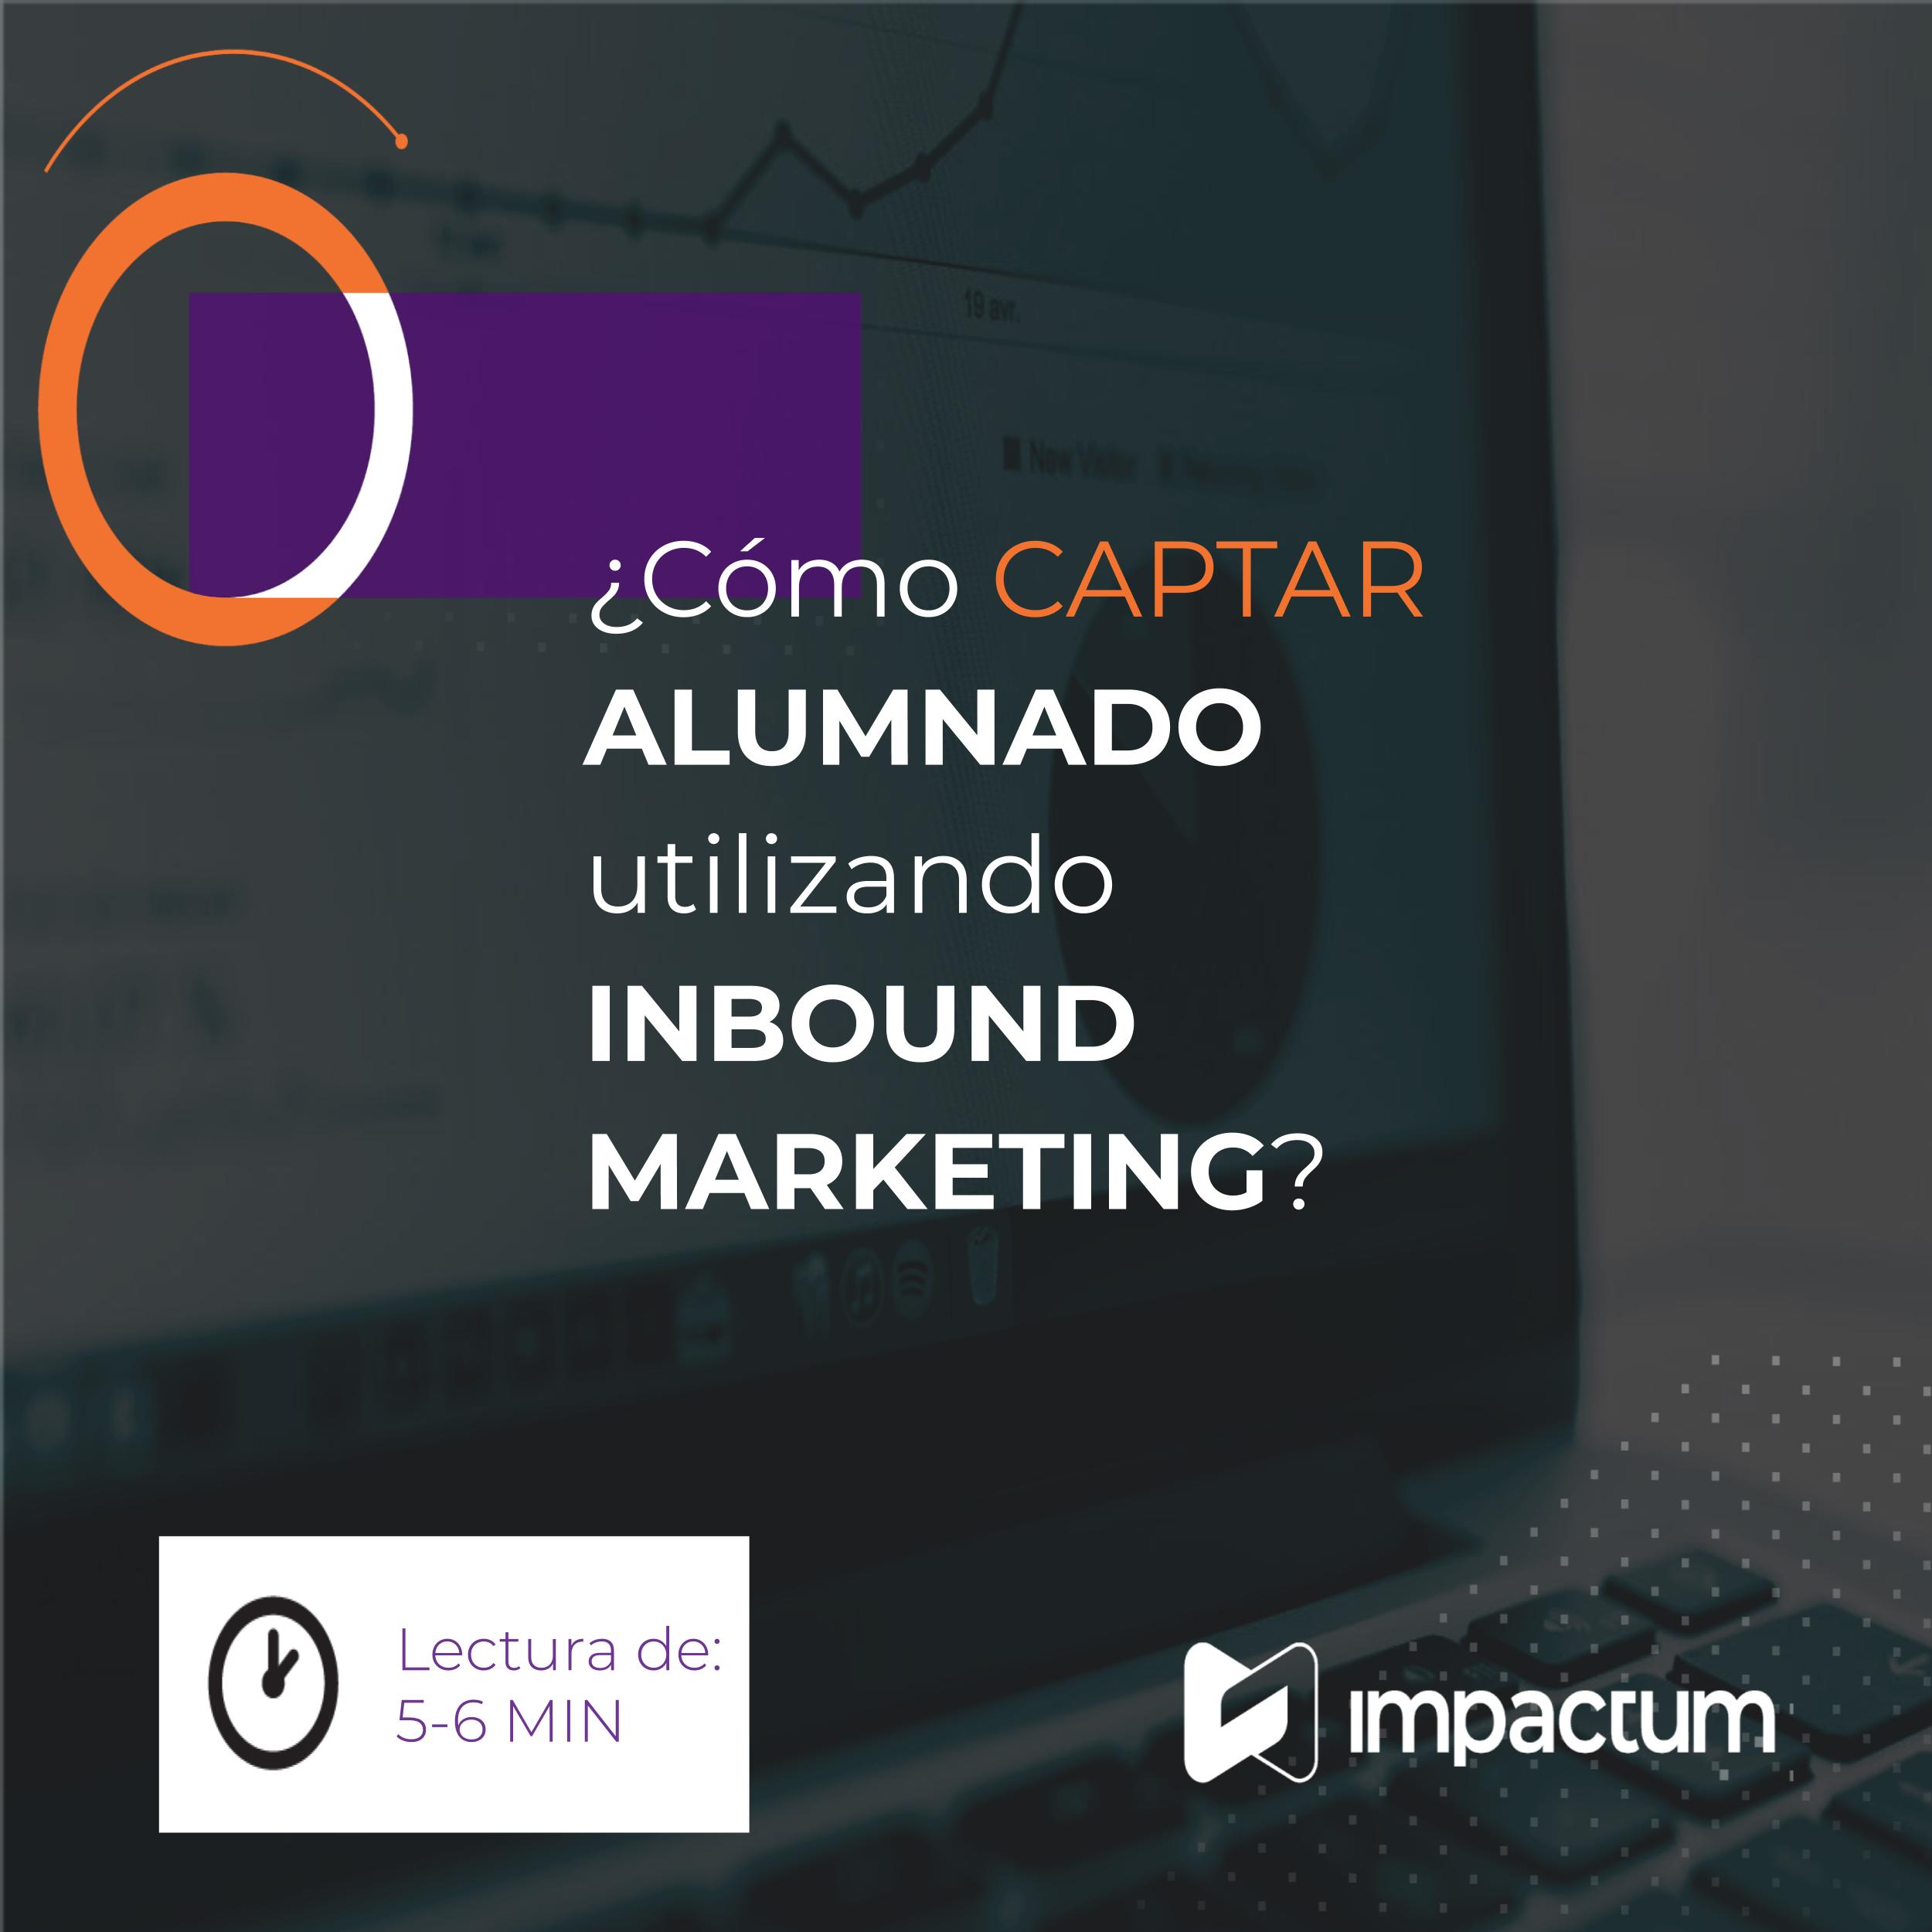 ¿Cómo captar alumnado, usando Inbound Marketing?